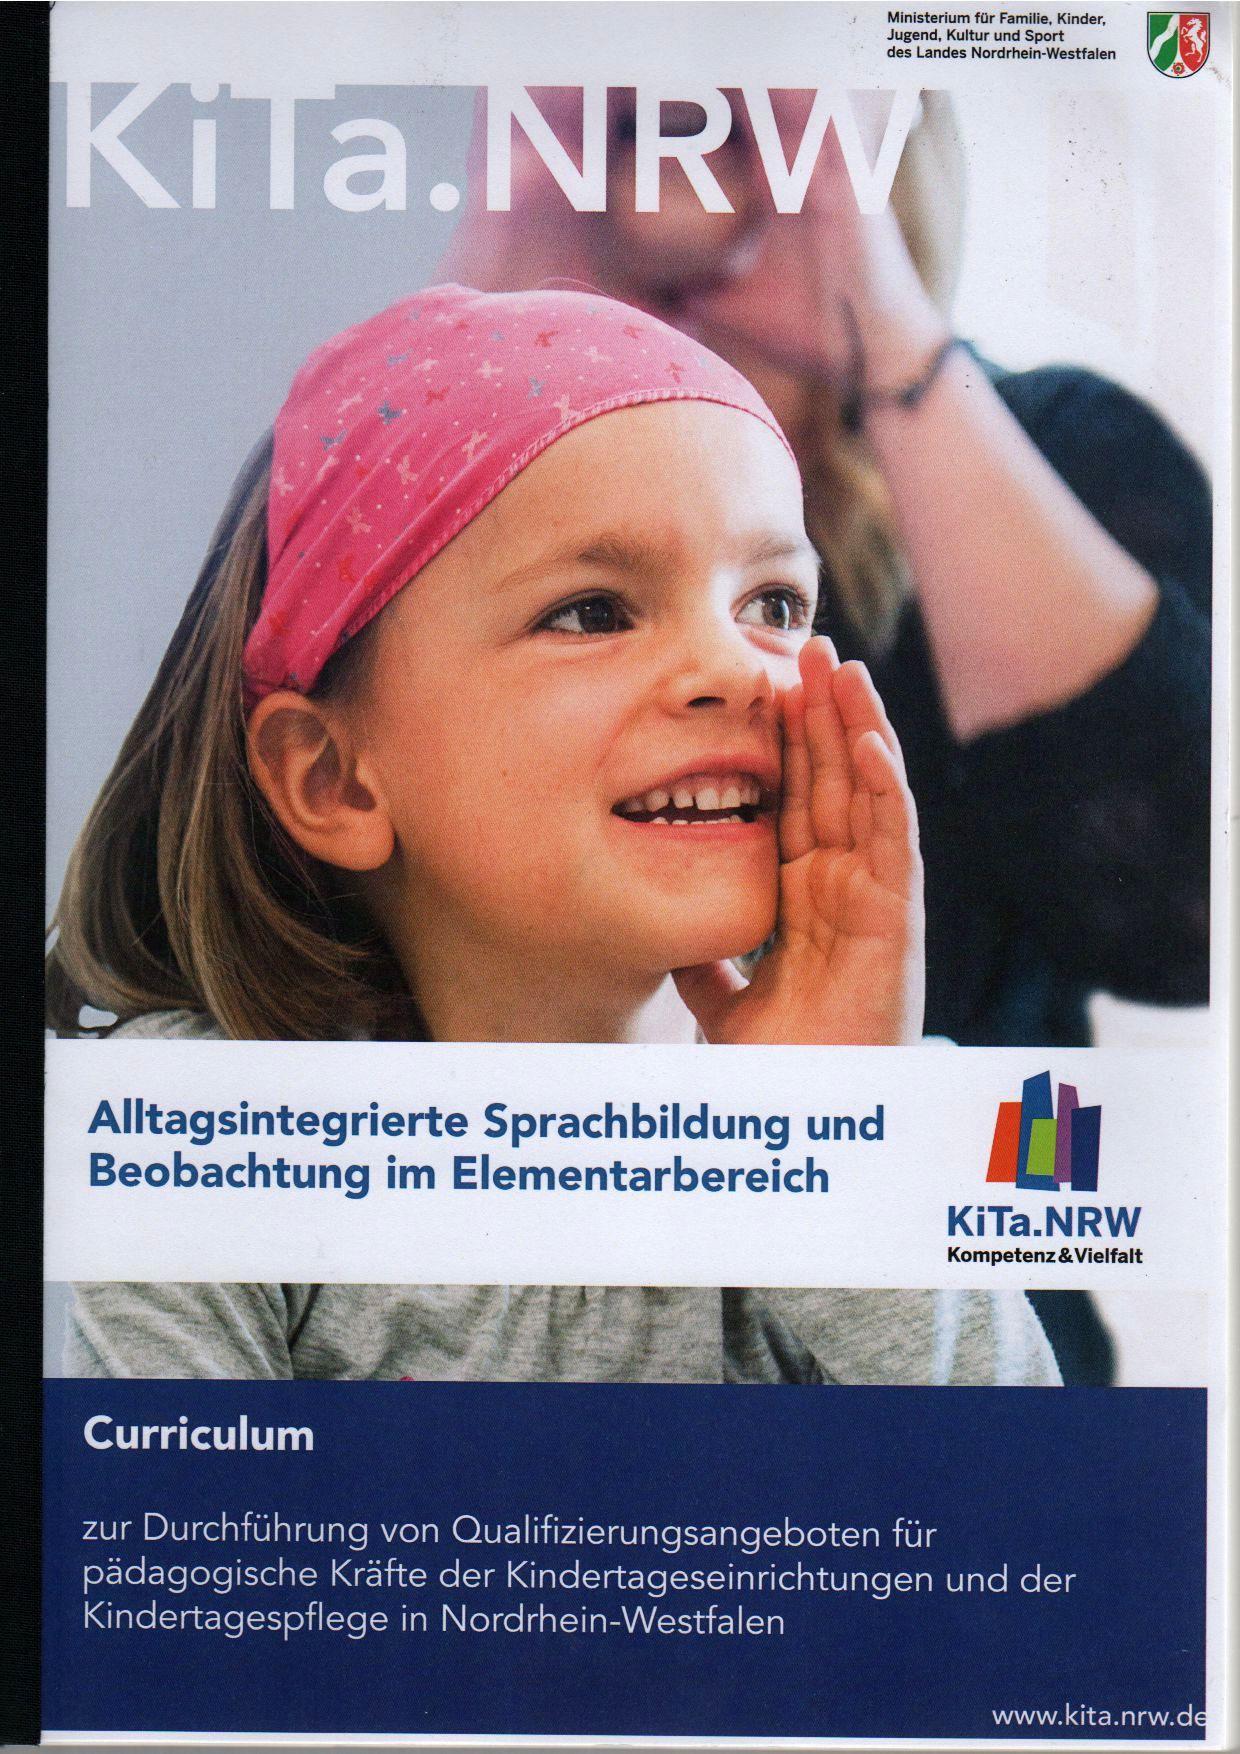 Curriculum zur alltagsintegrierten Sprachbildung